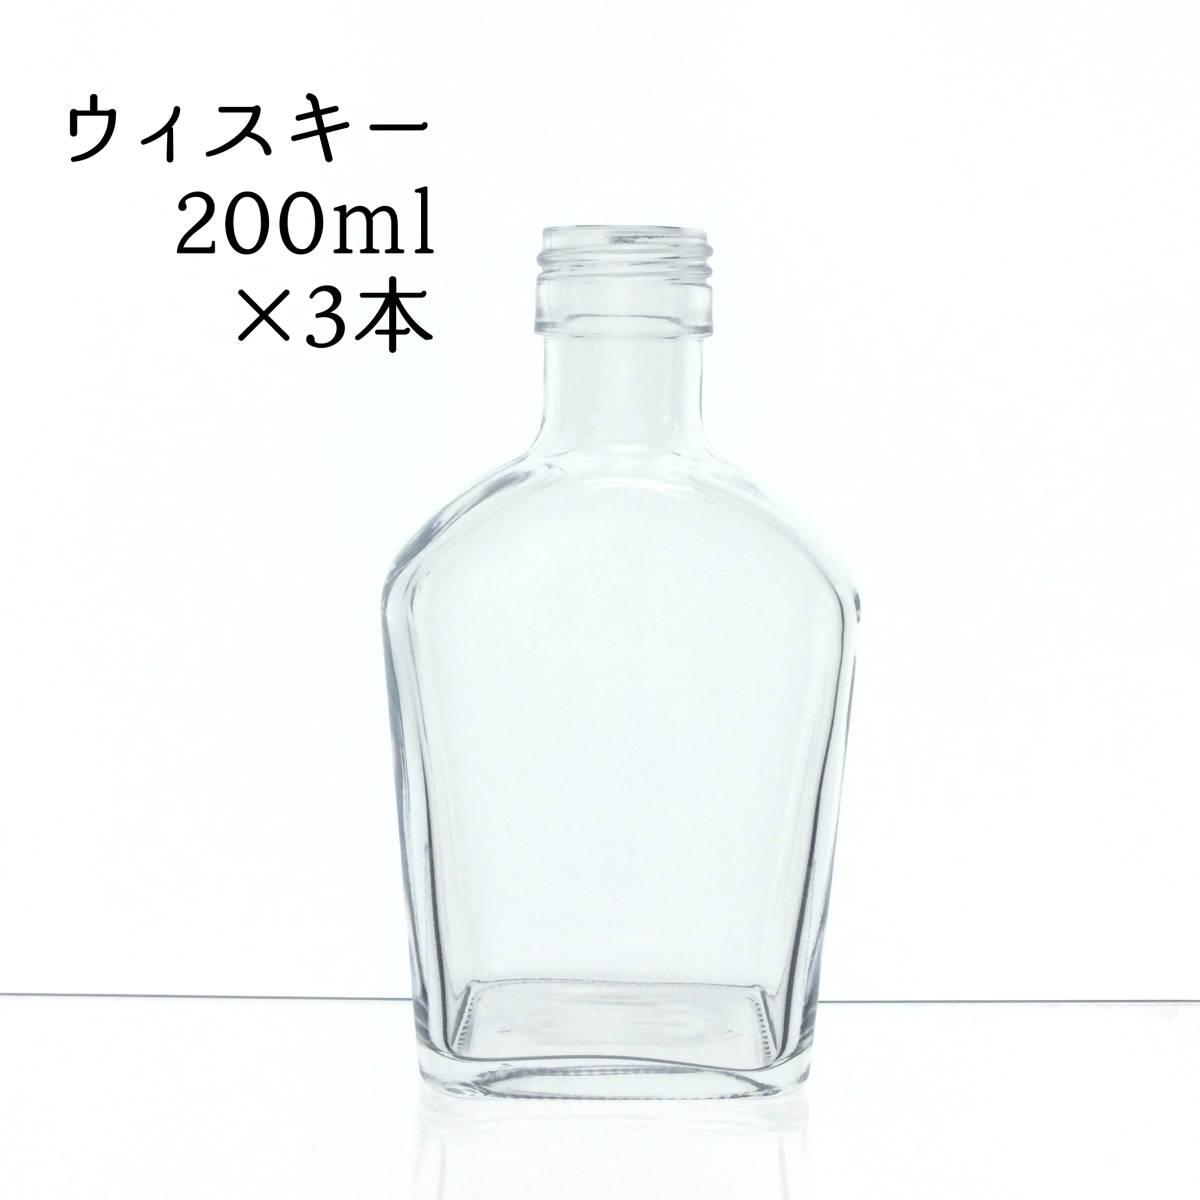 ハーバリウム瓶 ウィスキー200ml 3本 ♪♪_画像1